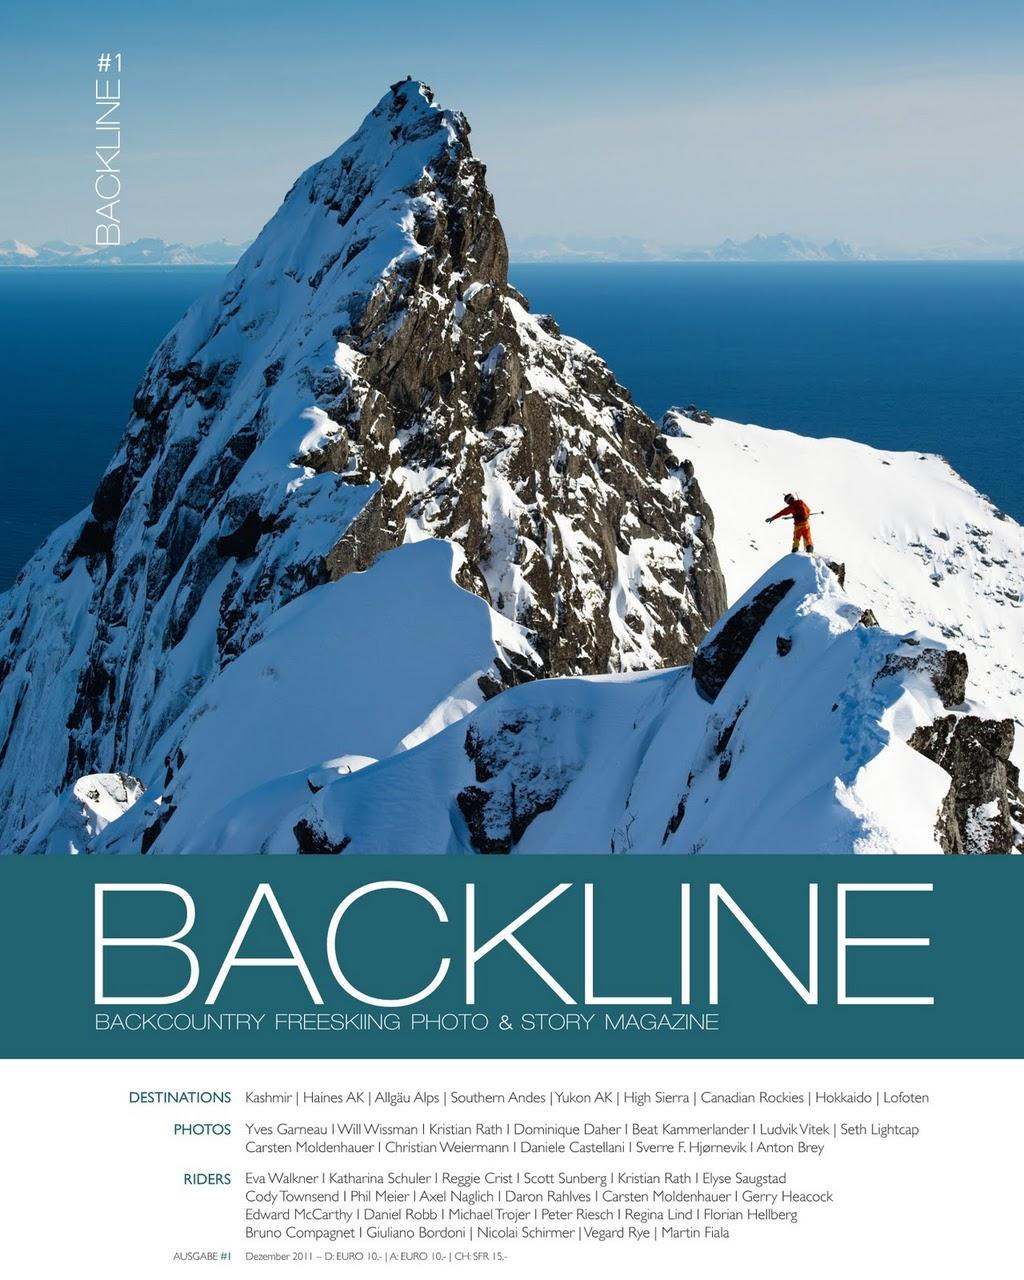 BACKLINE 2011 Gewinnspiel